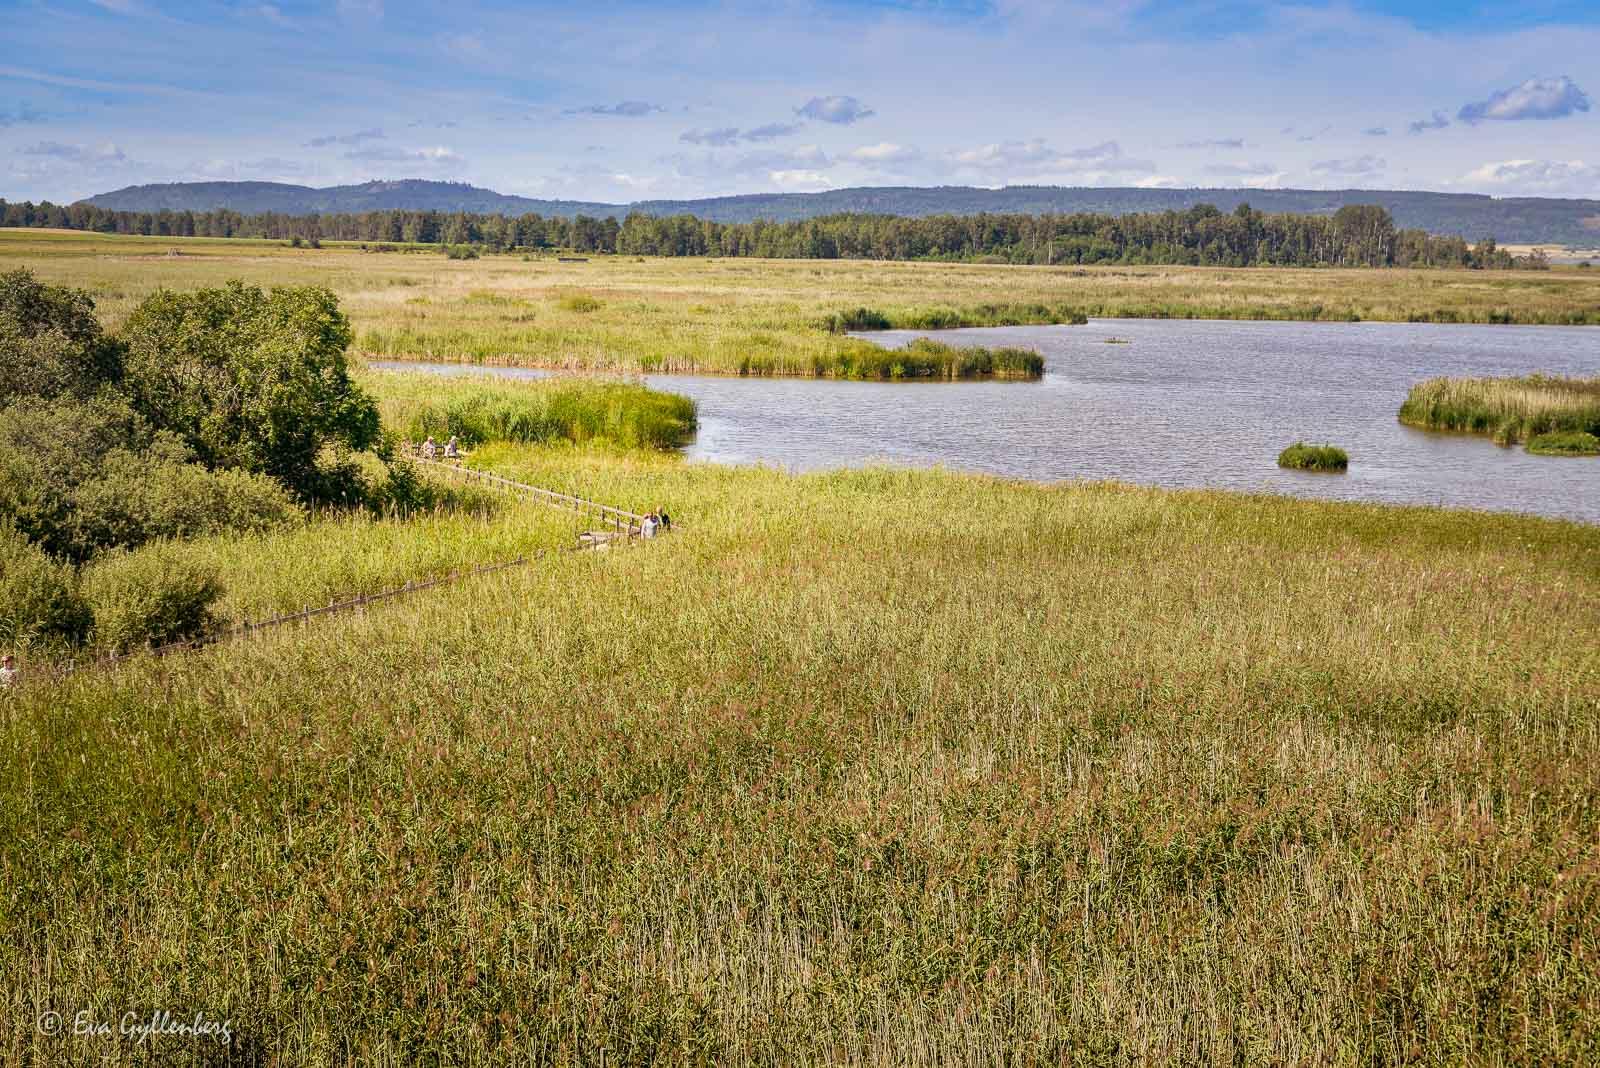 Tåkern naturreservat